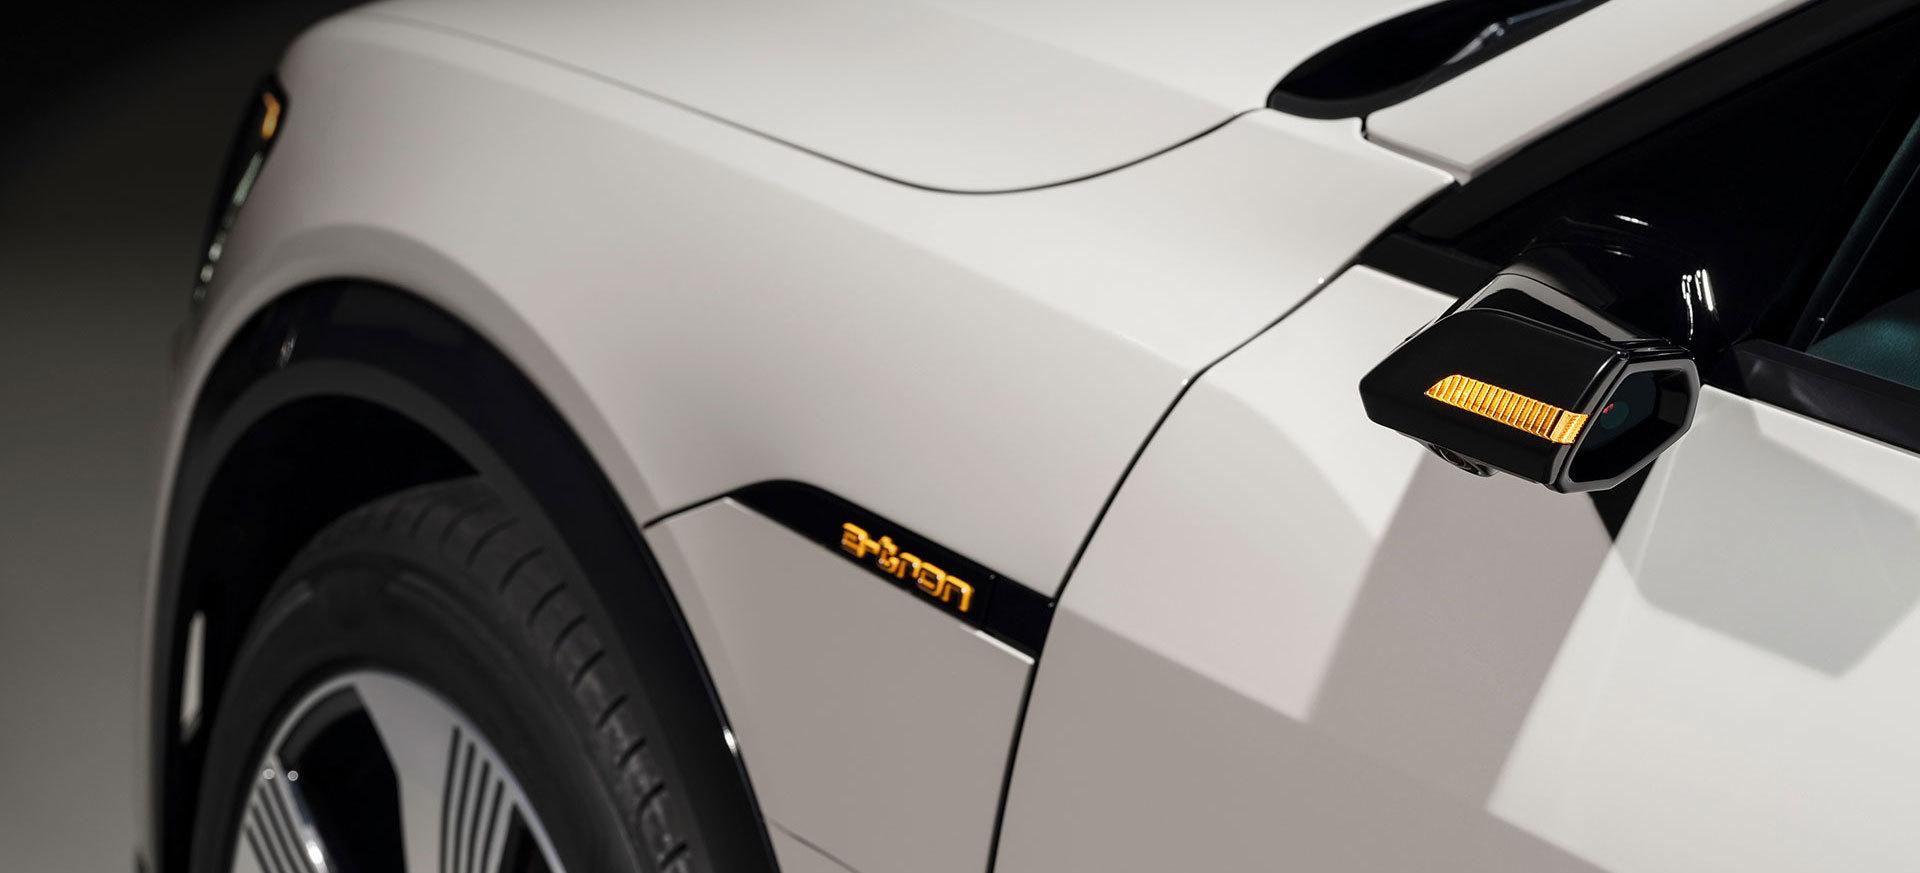 Los retrovisores y otros elementos que desaparecerán de los coches y transformarán su diseño